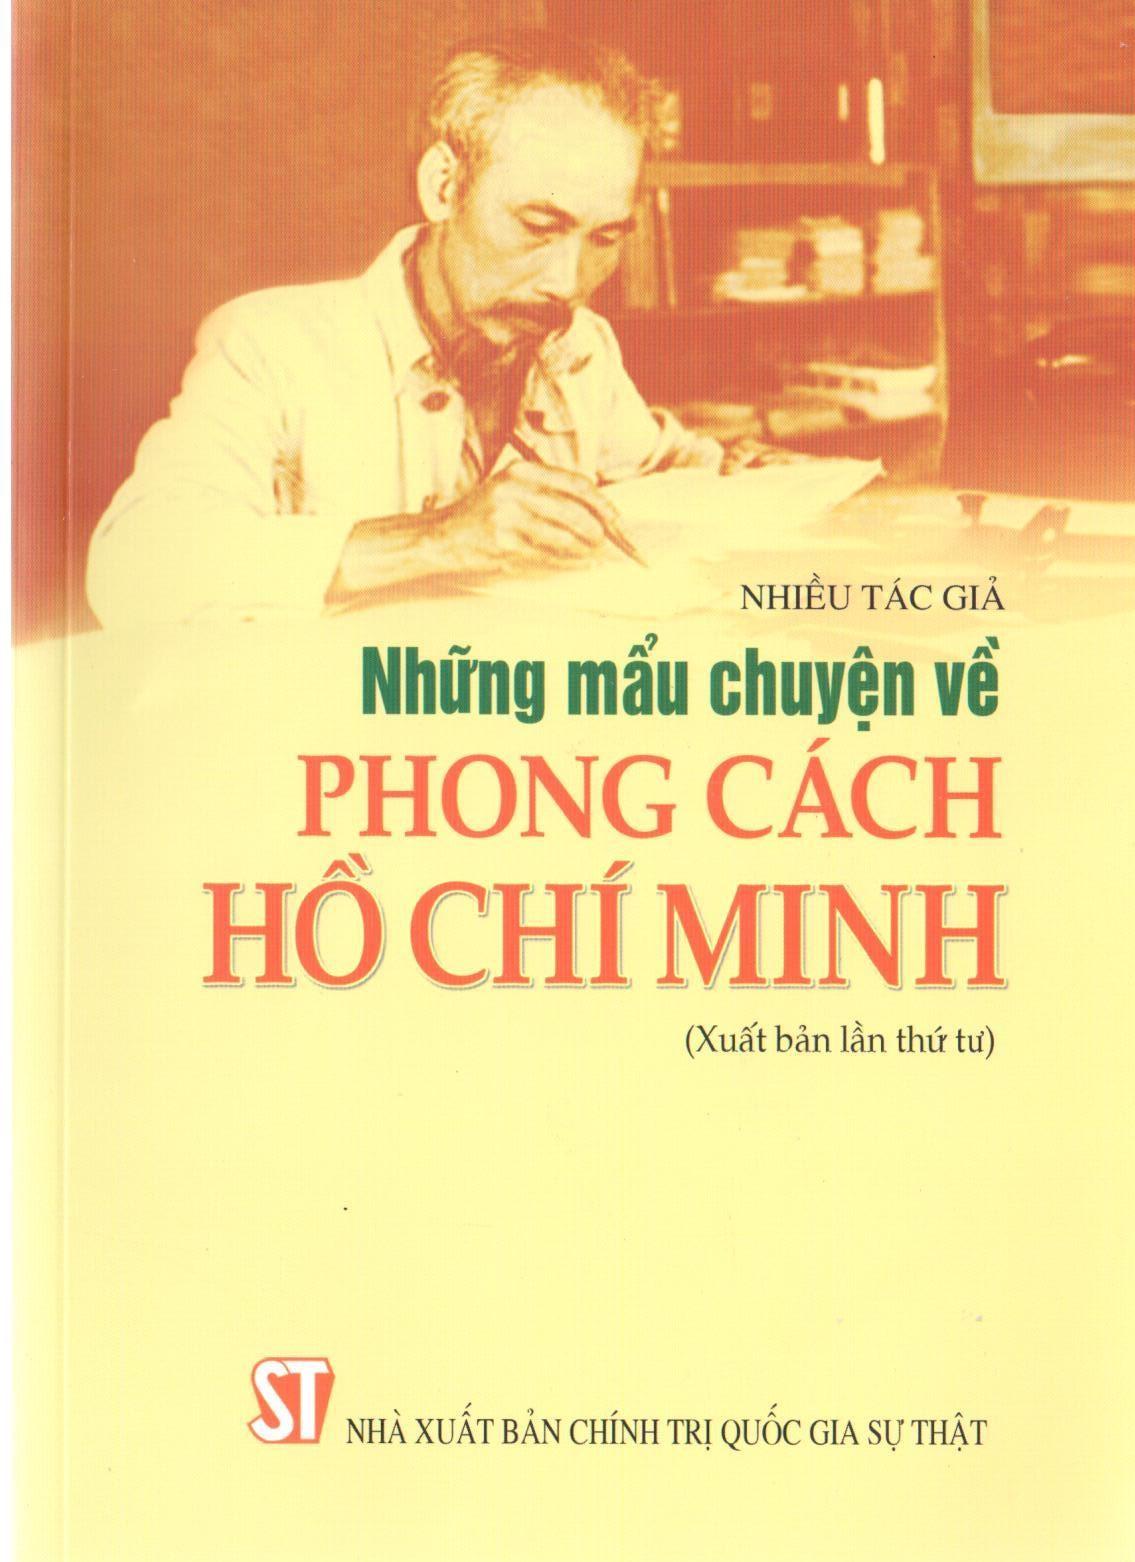 Những mẩu chuyện về phong cách Hồ Chí Minh (Xuất bản lần thứ tư)